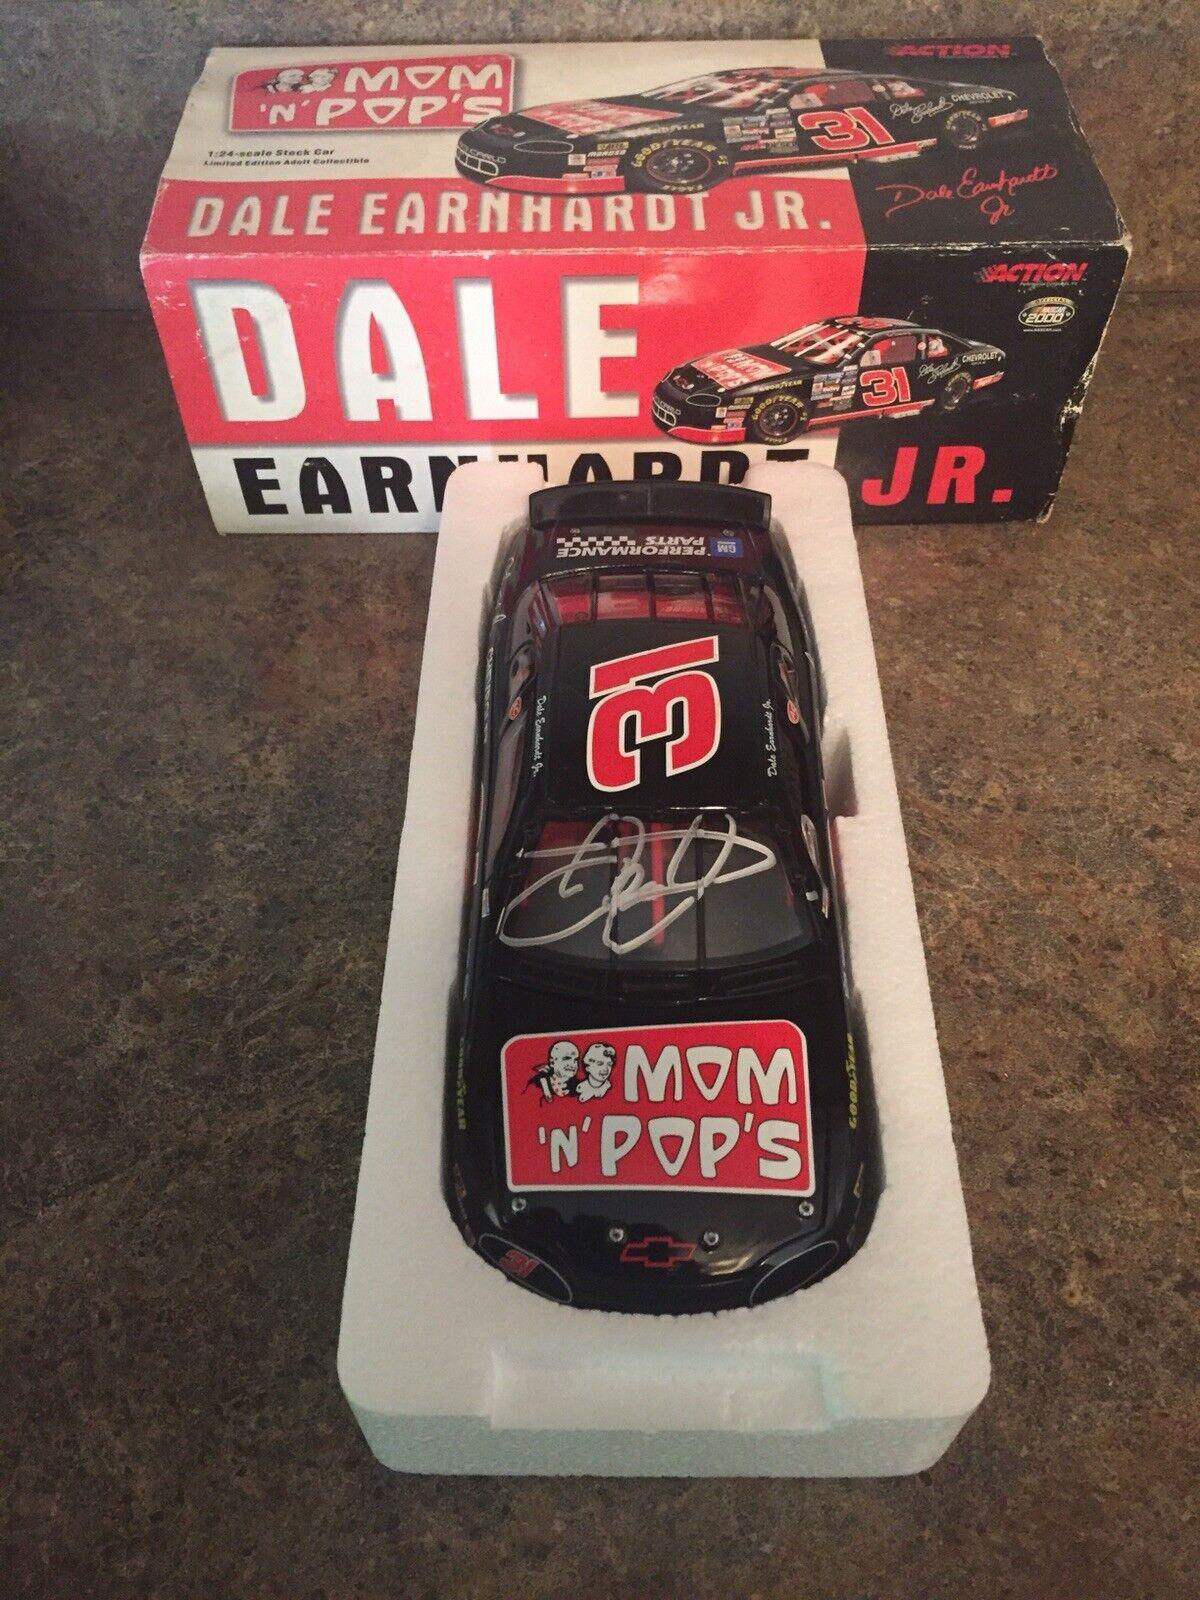 Dale Earnhardt Jr. firmado autografiada acción 1 24 Diecast 1996 Mom N Pops